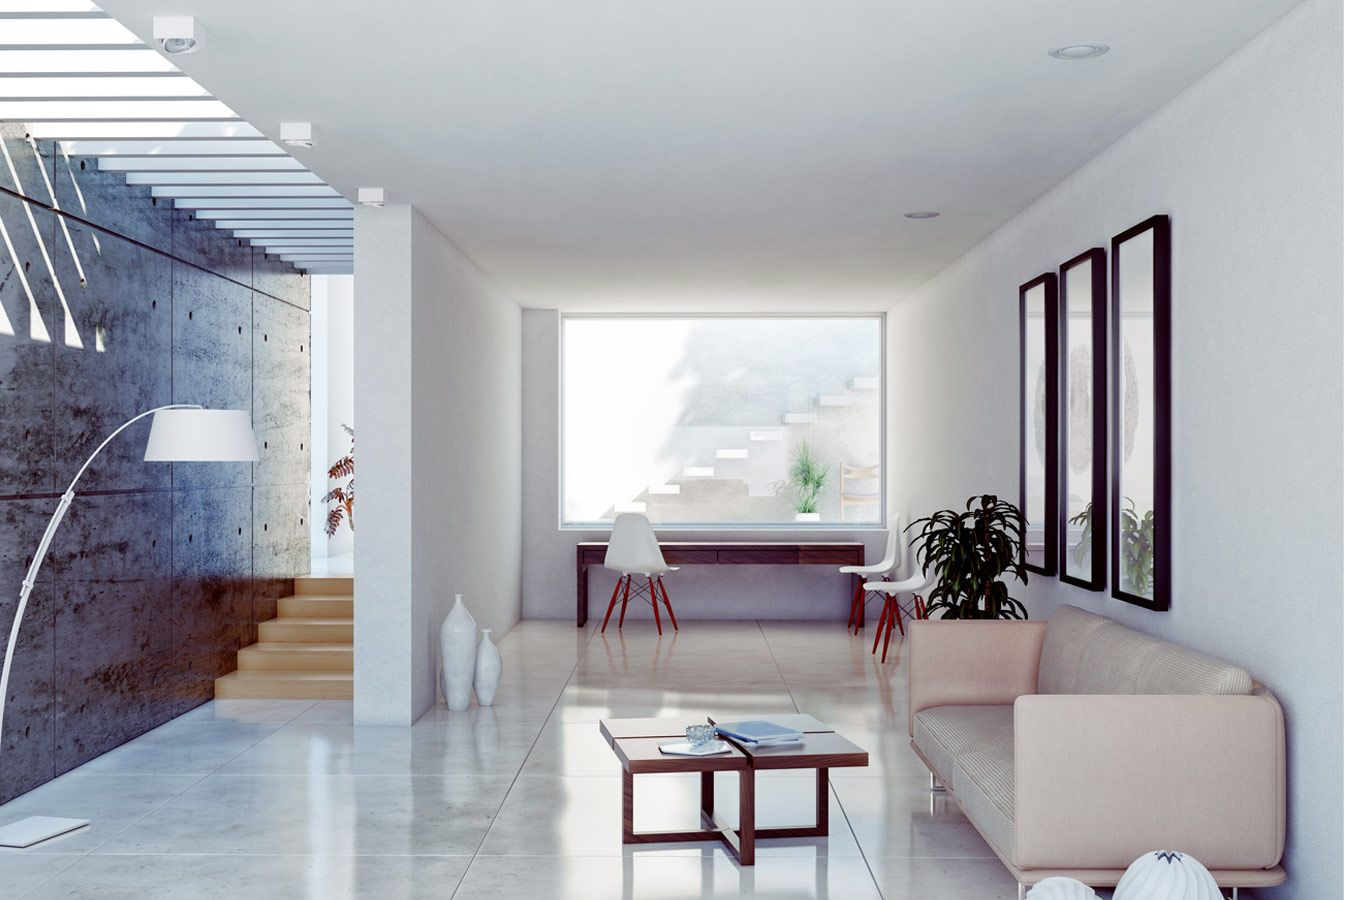 Woonkamer Met Beton : Onbehandelt beton als muur afwerking moderne woonkamer met eames